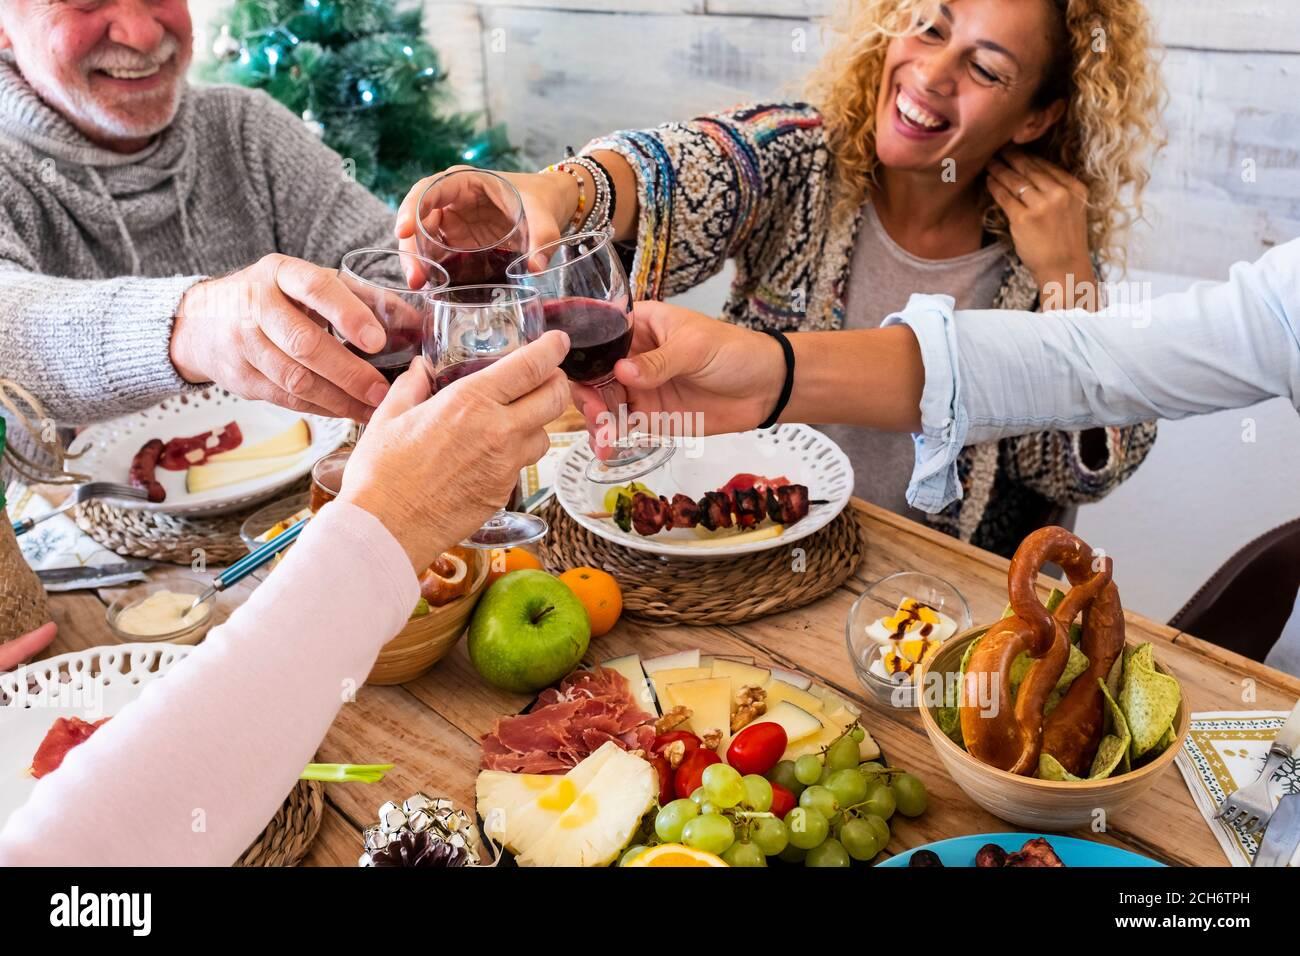 Los amigos de la familia se divierten juntos en el invierno comiendo la comida encendido una mesa de madera - concepto de amistad y gente caucásica disfrutar de la celebración en casa o. Foto de stock